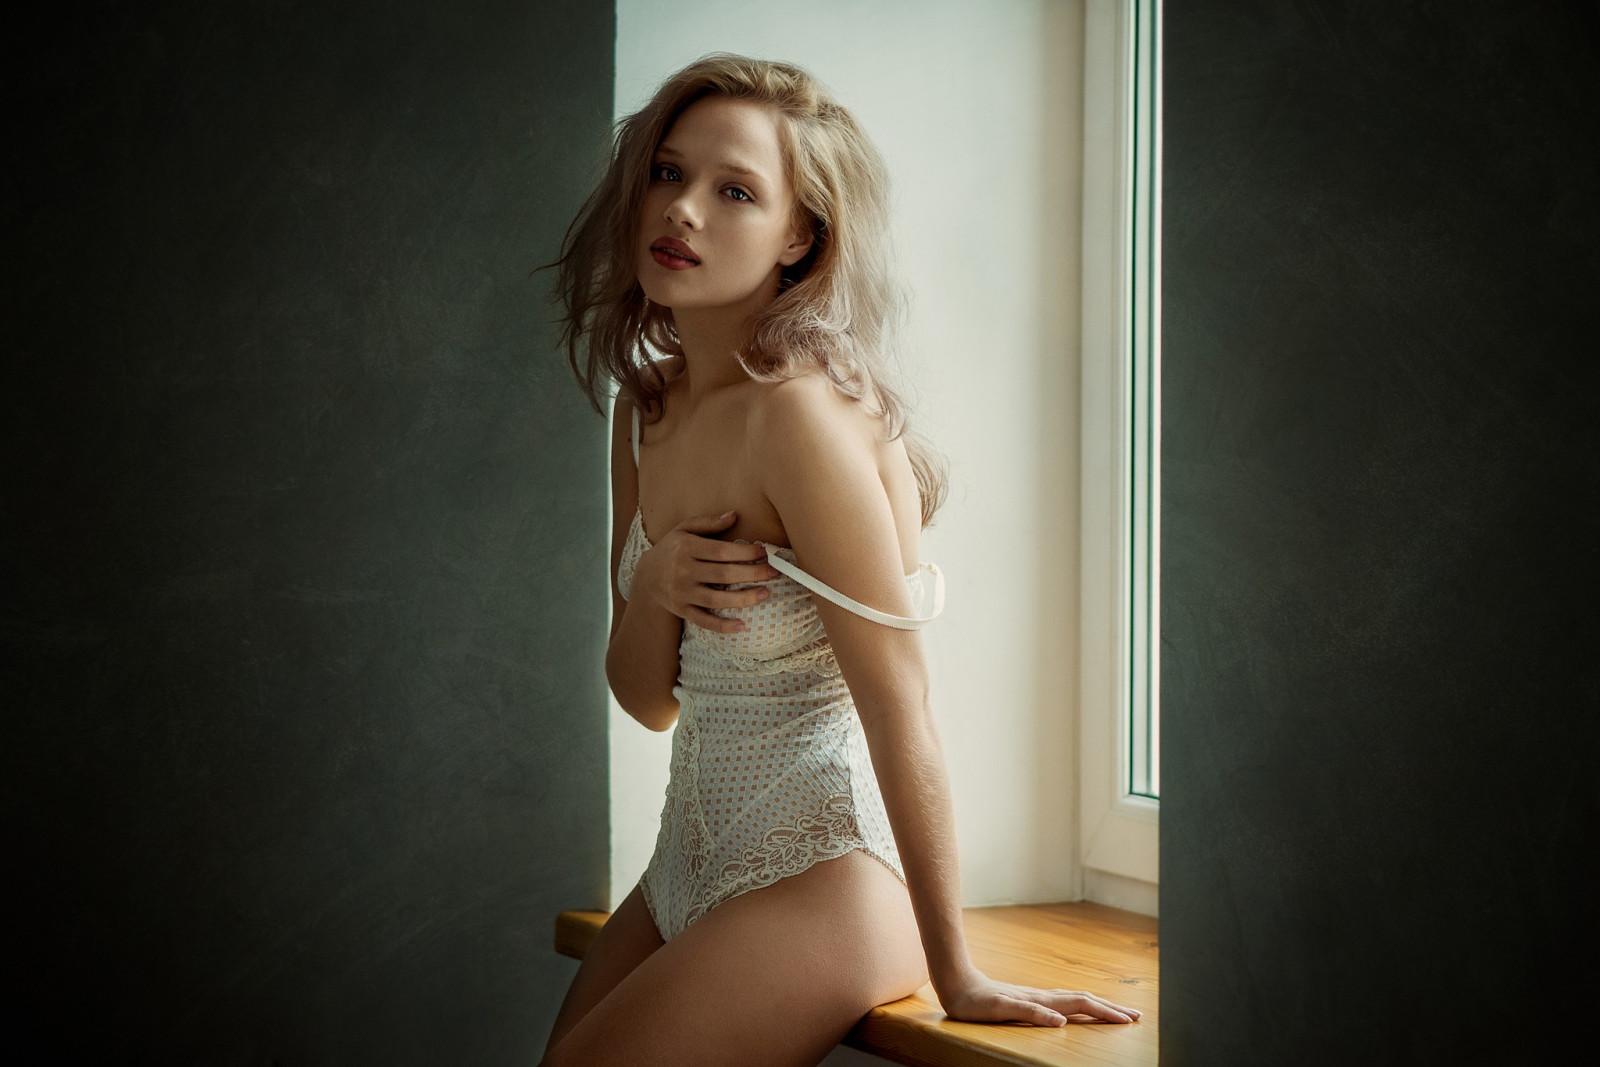 Фото голых миниатюрных женщин, стоя на коленях сосет член-фото